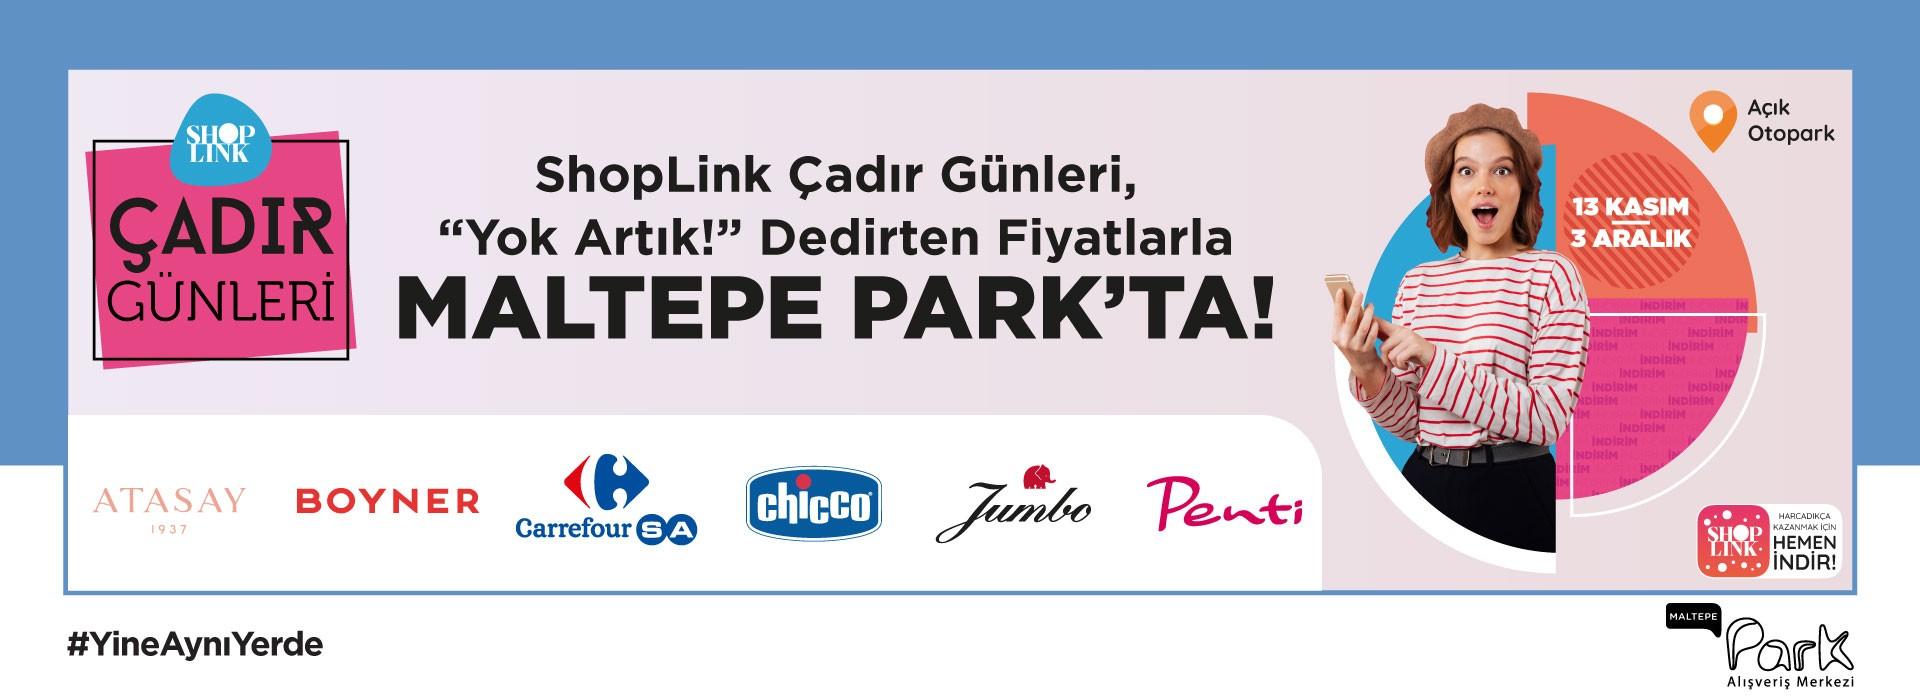 ShopLink Çadır Günleri Maltepe Park'ta!